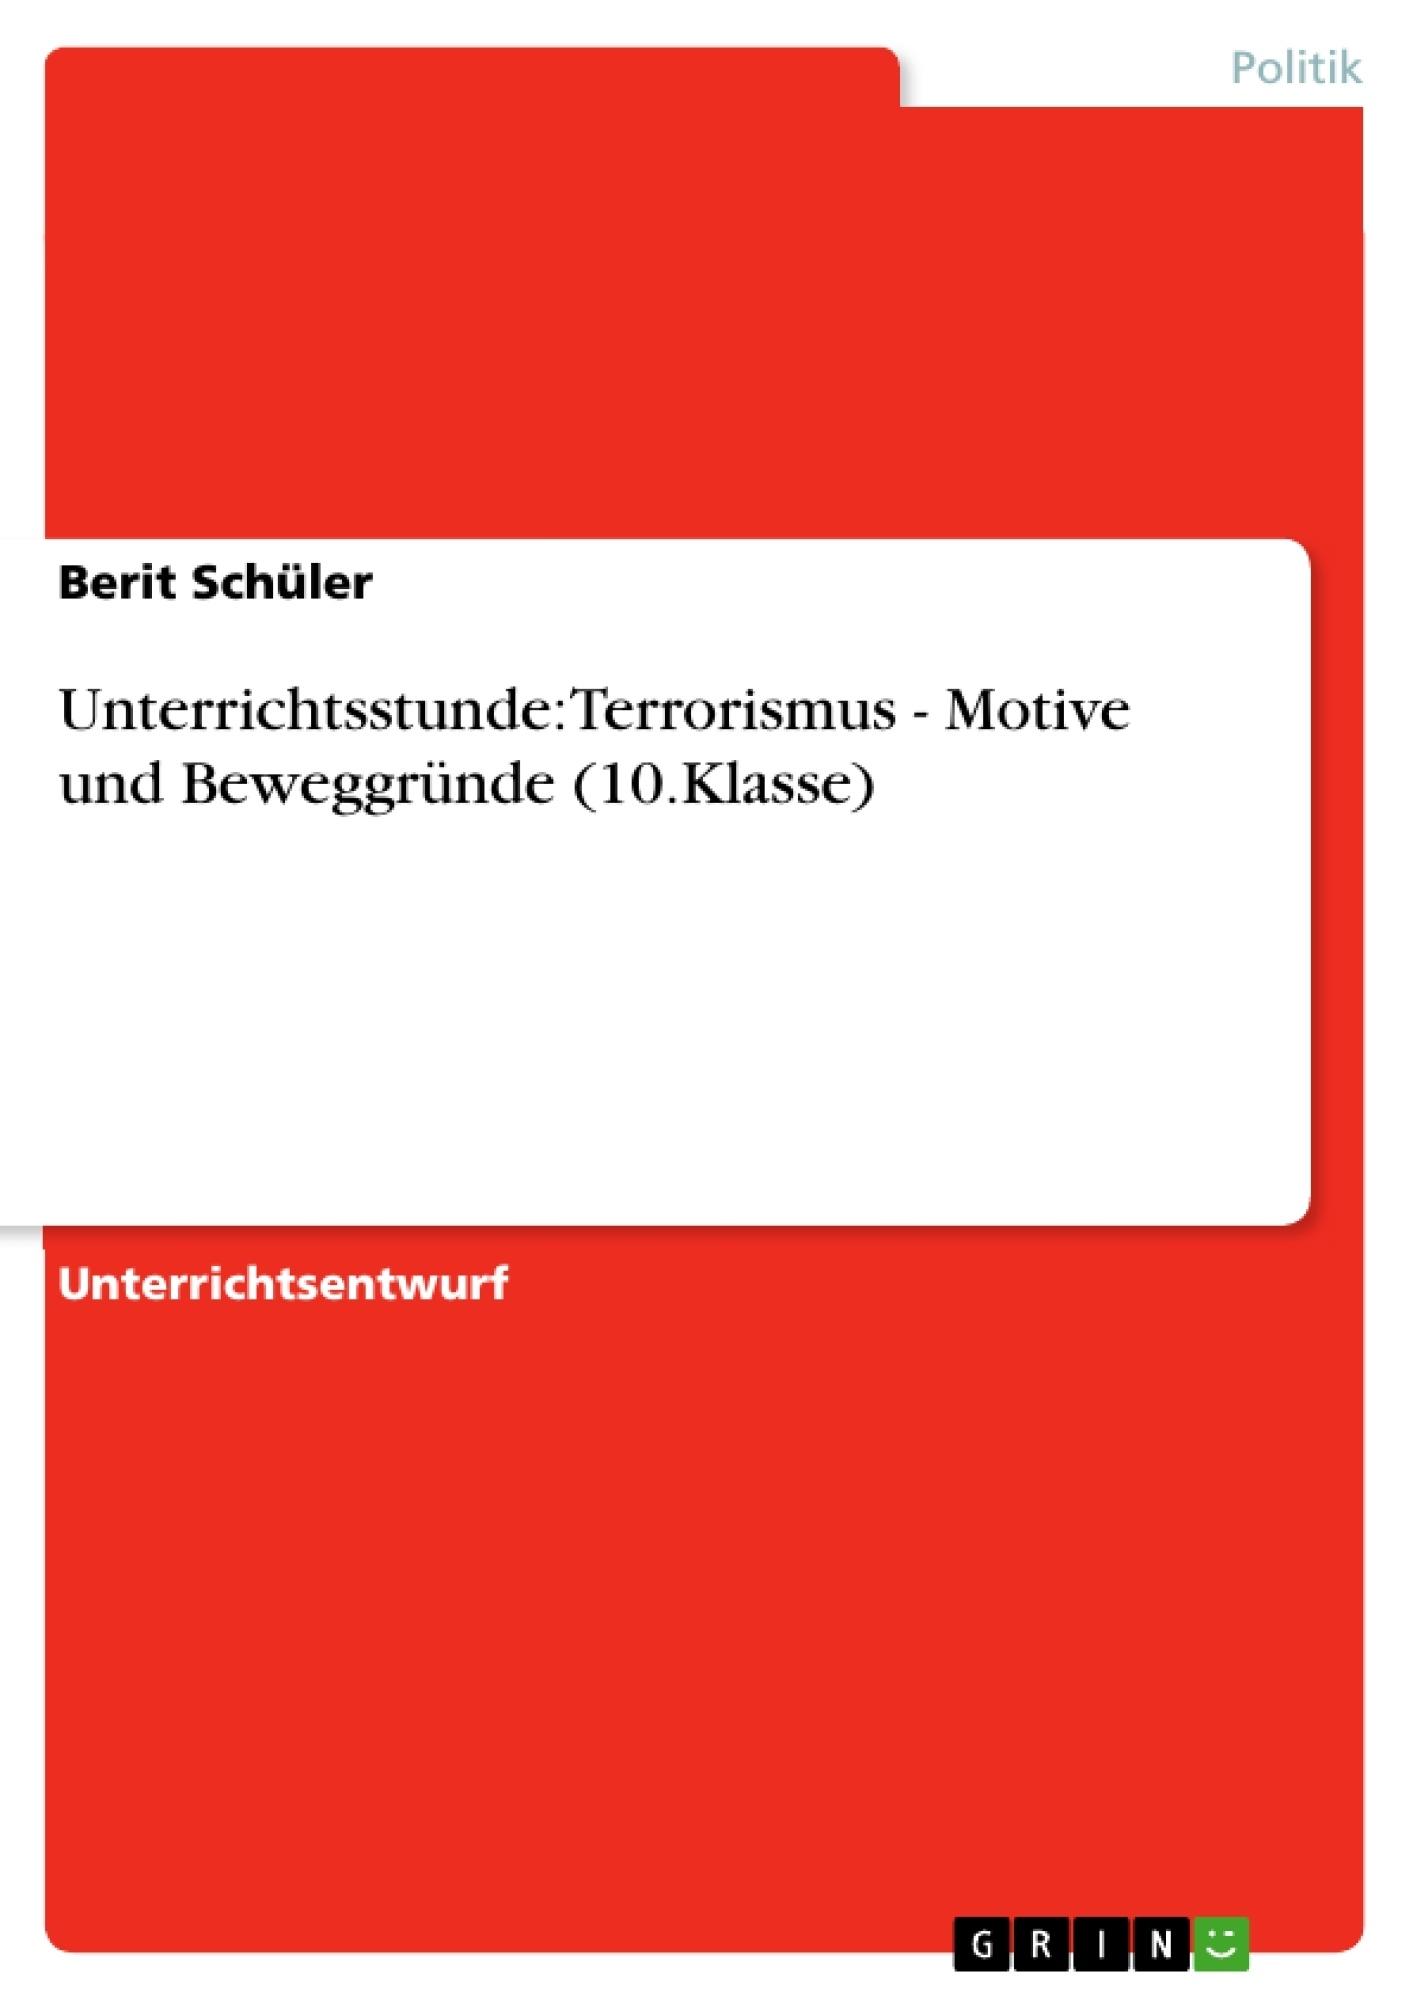 Titel: Unterrichtsstunde: Terrorismus - Motive und Beweggründe (10.Klasse)